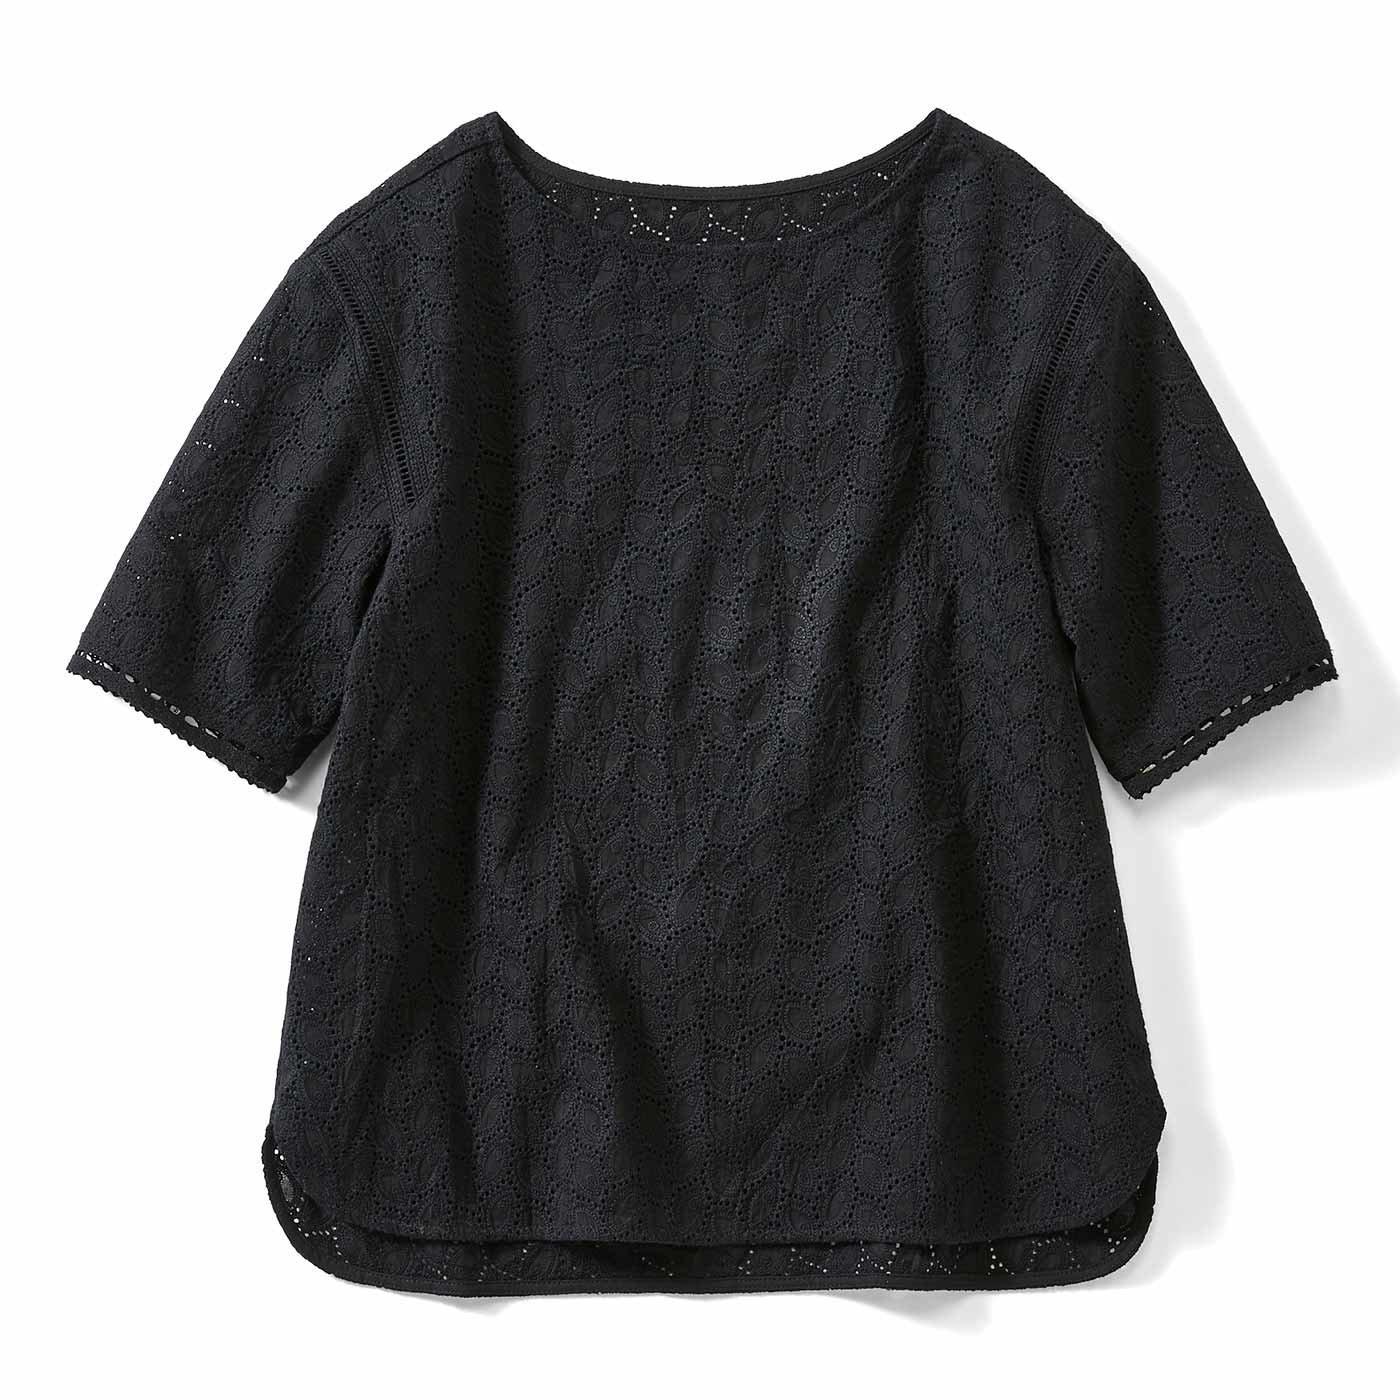 【3~10日でお届け】IEDIT[イディット] Tシャツ感覚で華やぐ総レーストップス〈ブラック〉